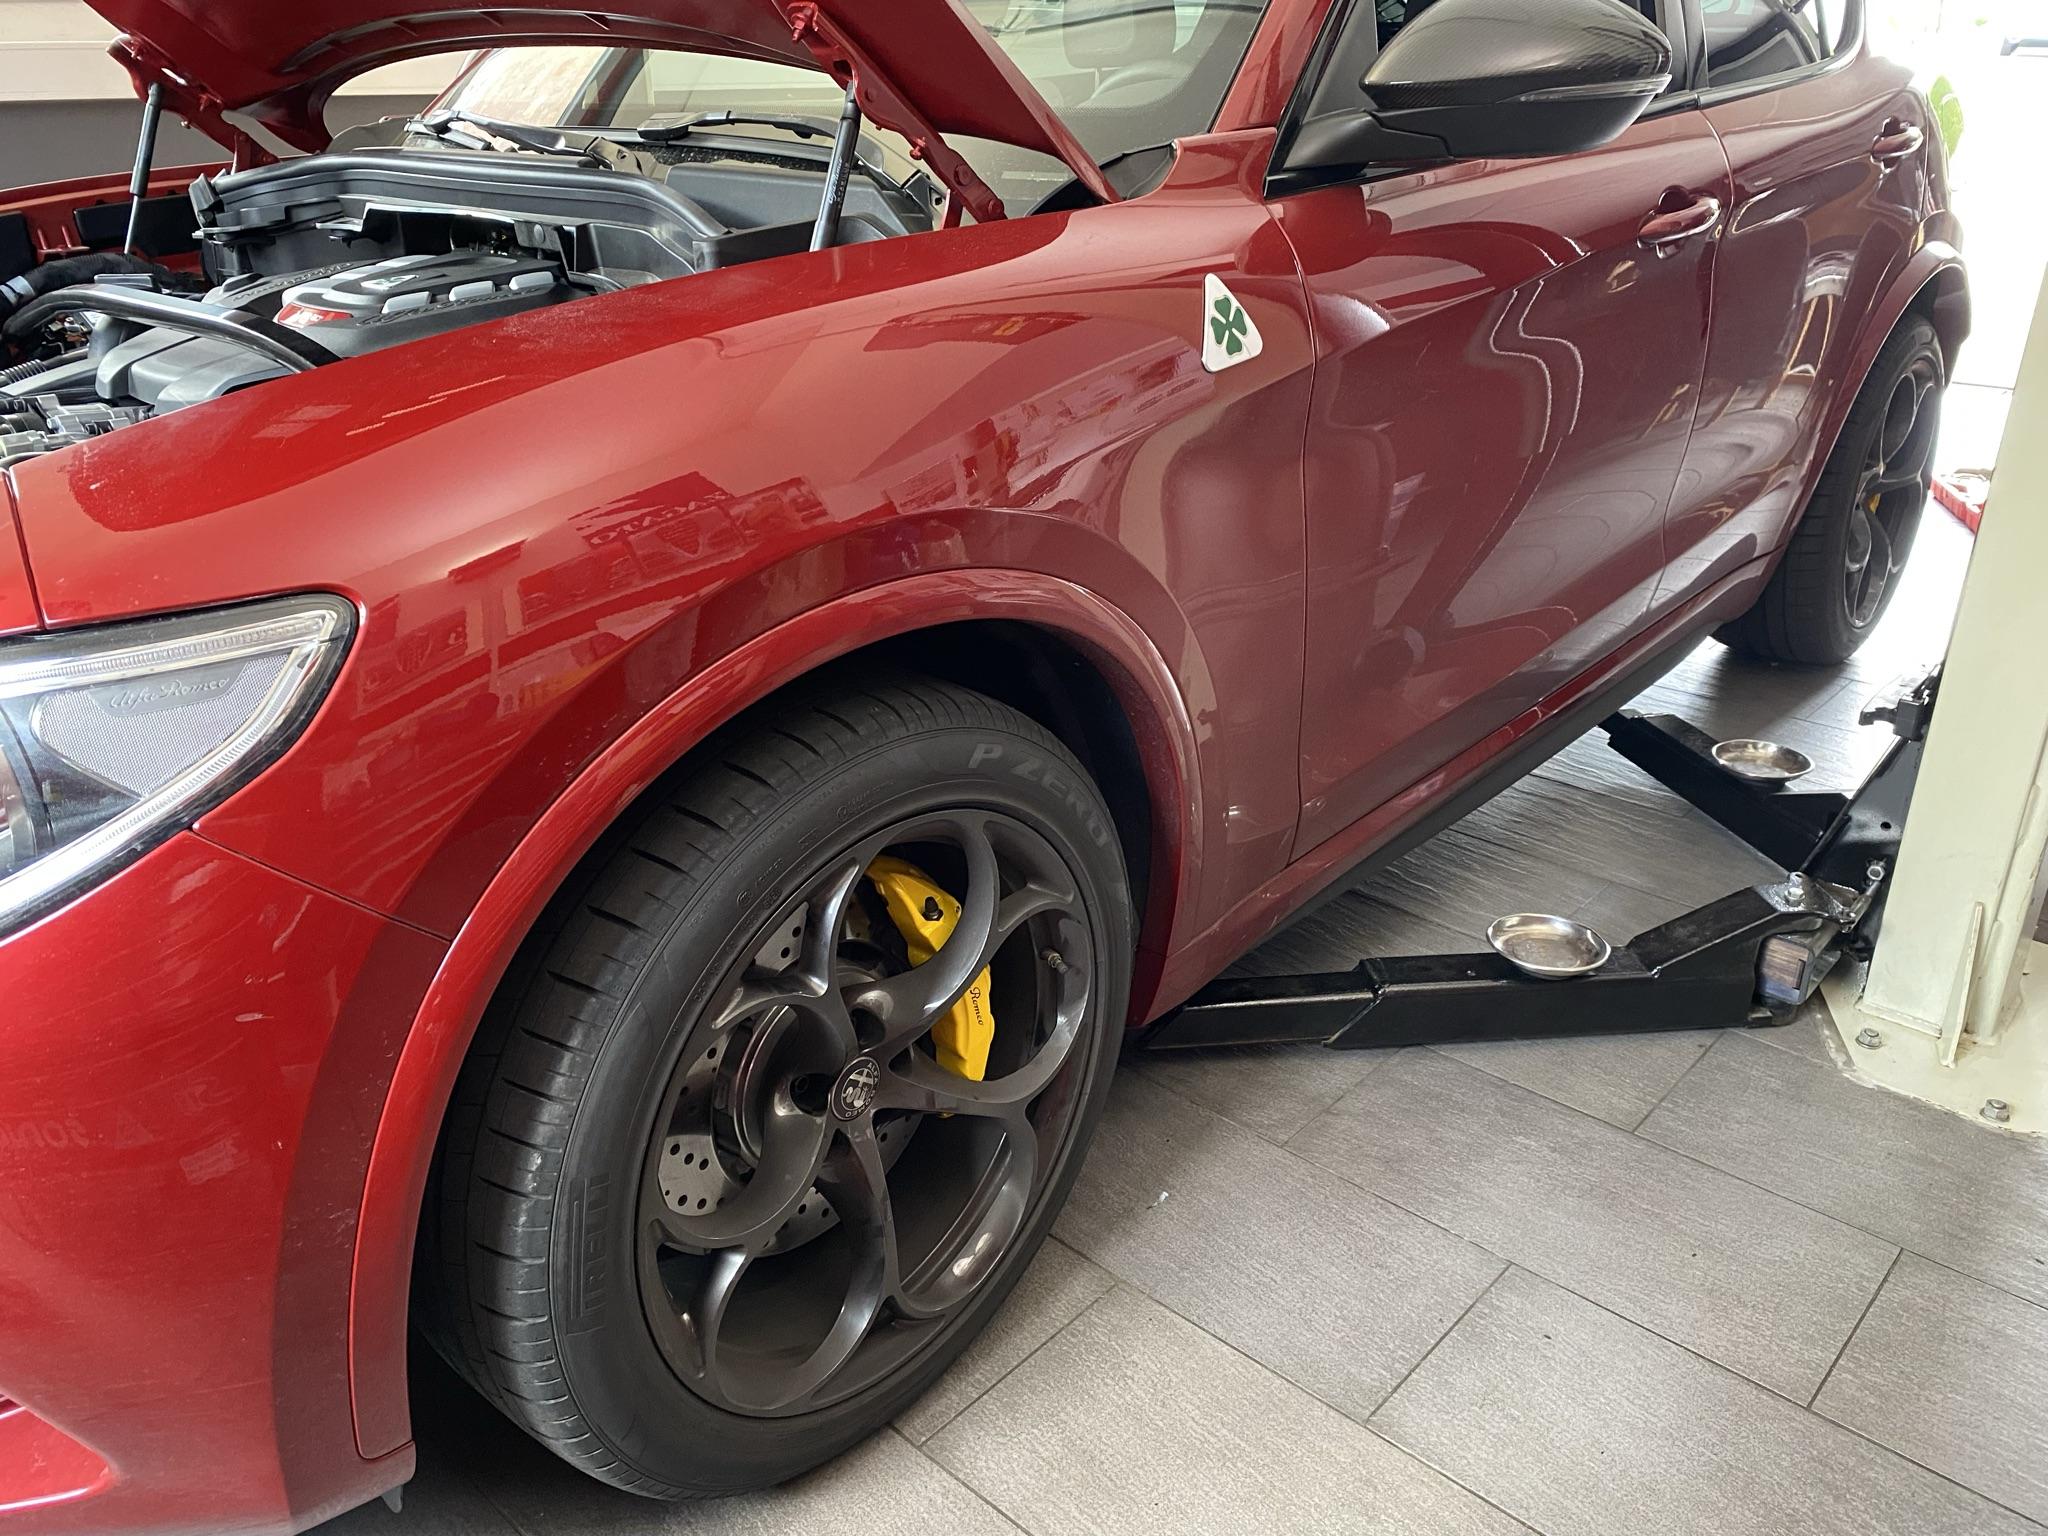 Tieferlegung mit H&R Federn an einem Alfa Romeo Stelvio QV